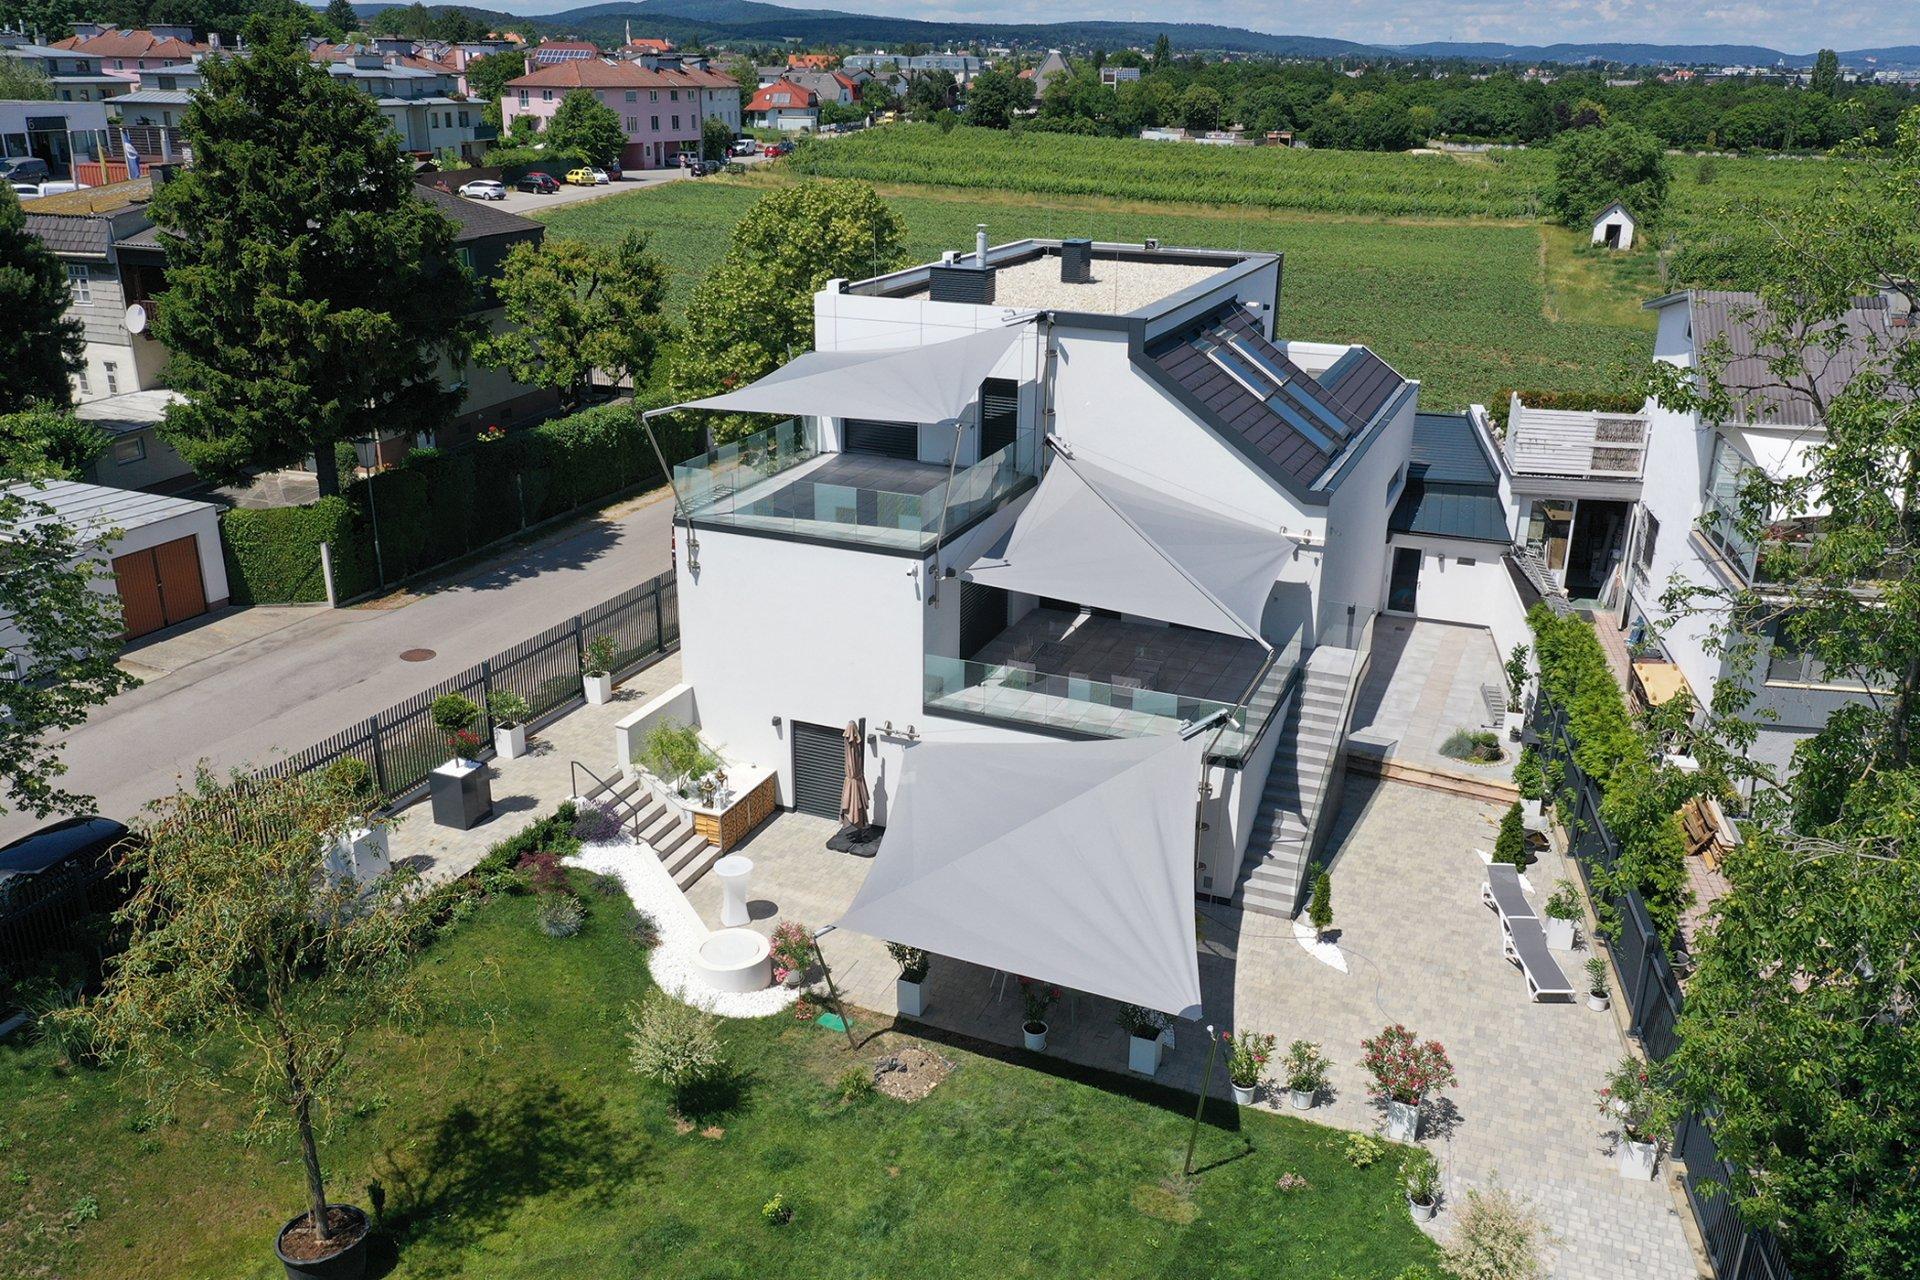 SunSquare Sonnensegel Mehrfachanlagen Dreieck: Privat Haus M